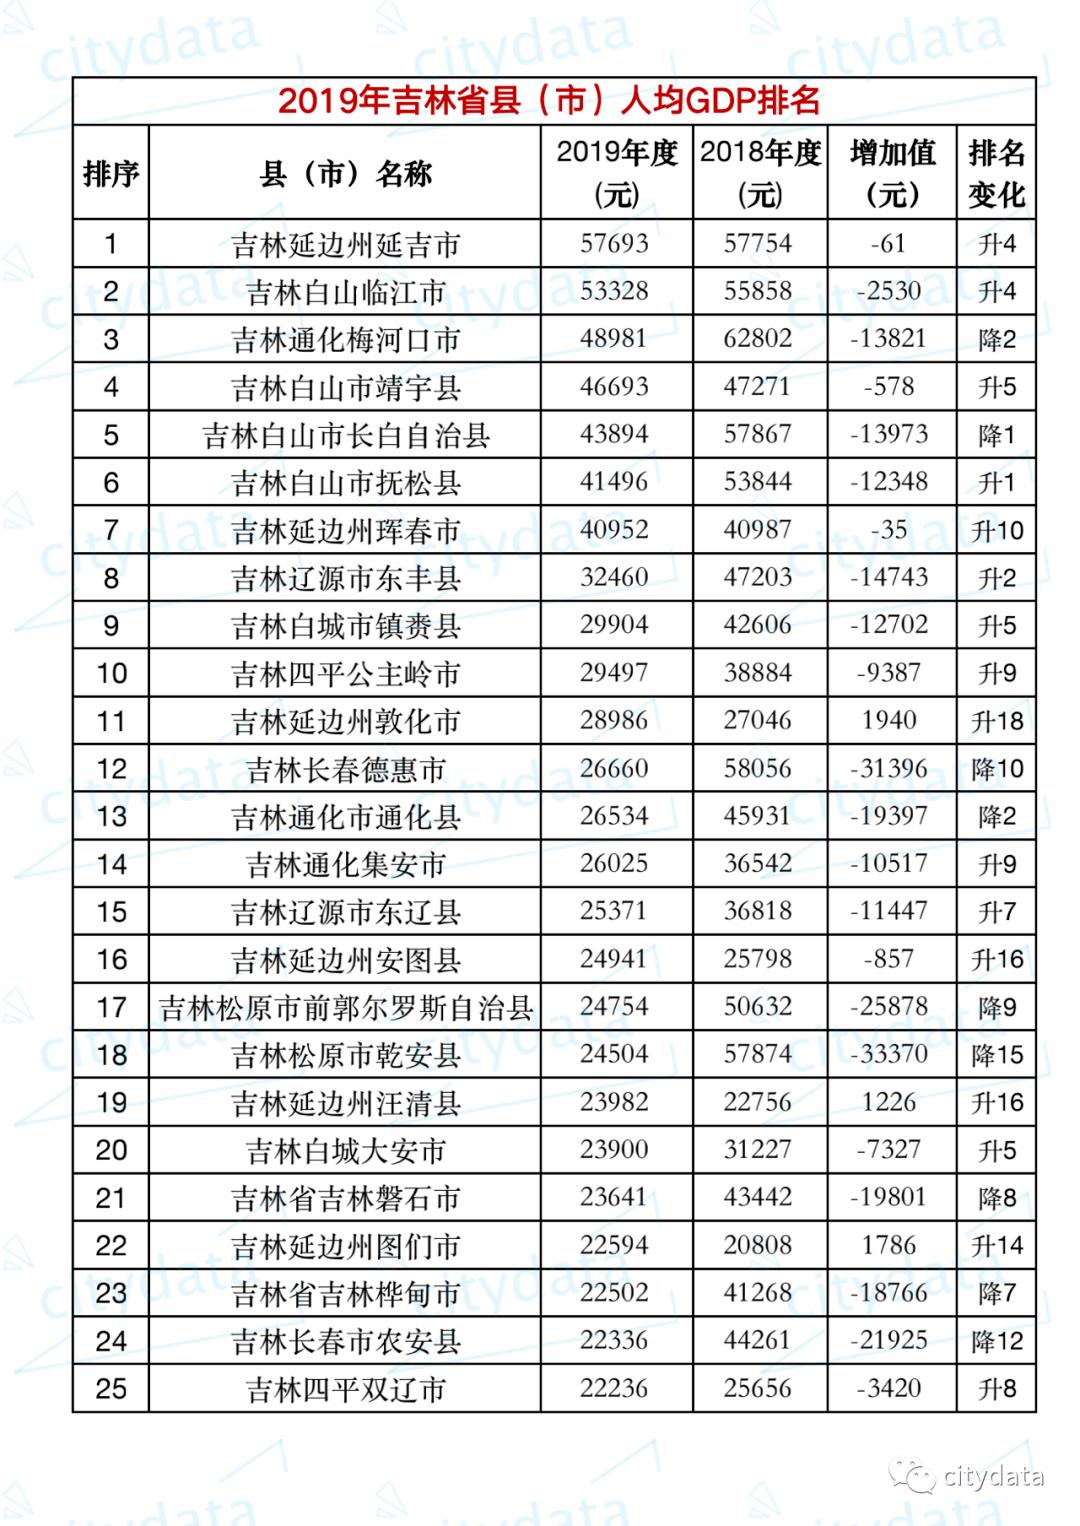 吉林省各县区市gdp_2019年吉林省县市区GDP排名 长春朝阳区第一 公主岭市第五